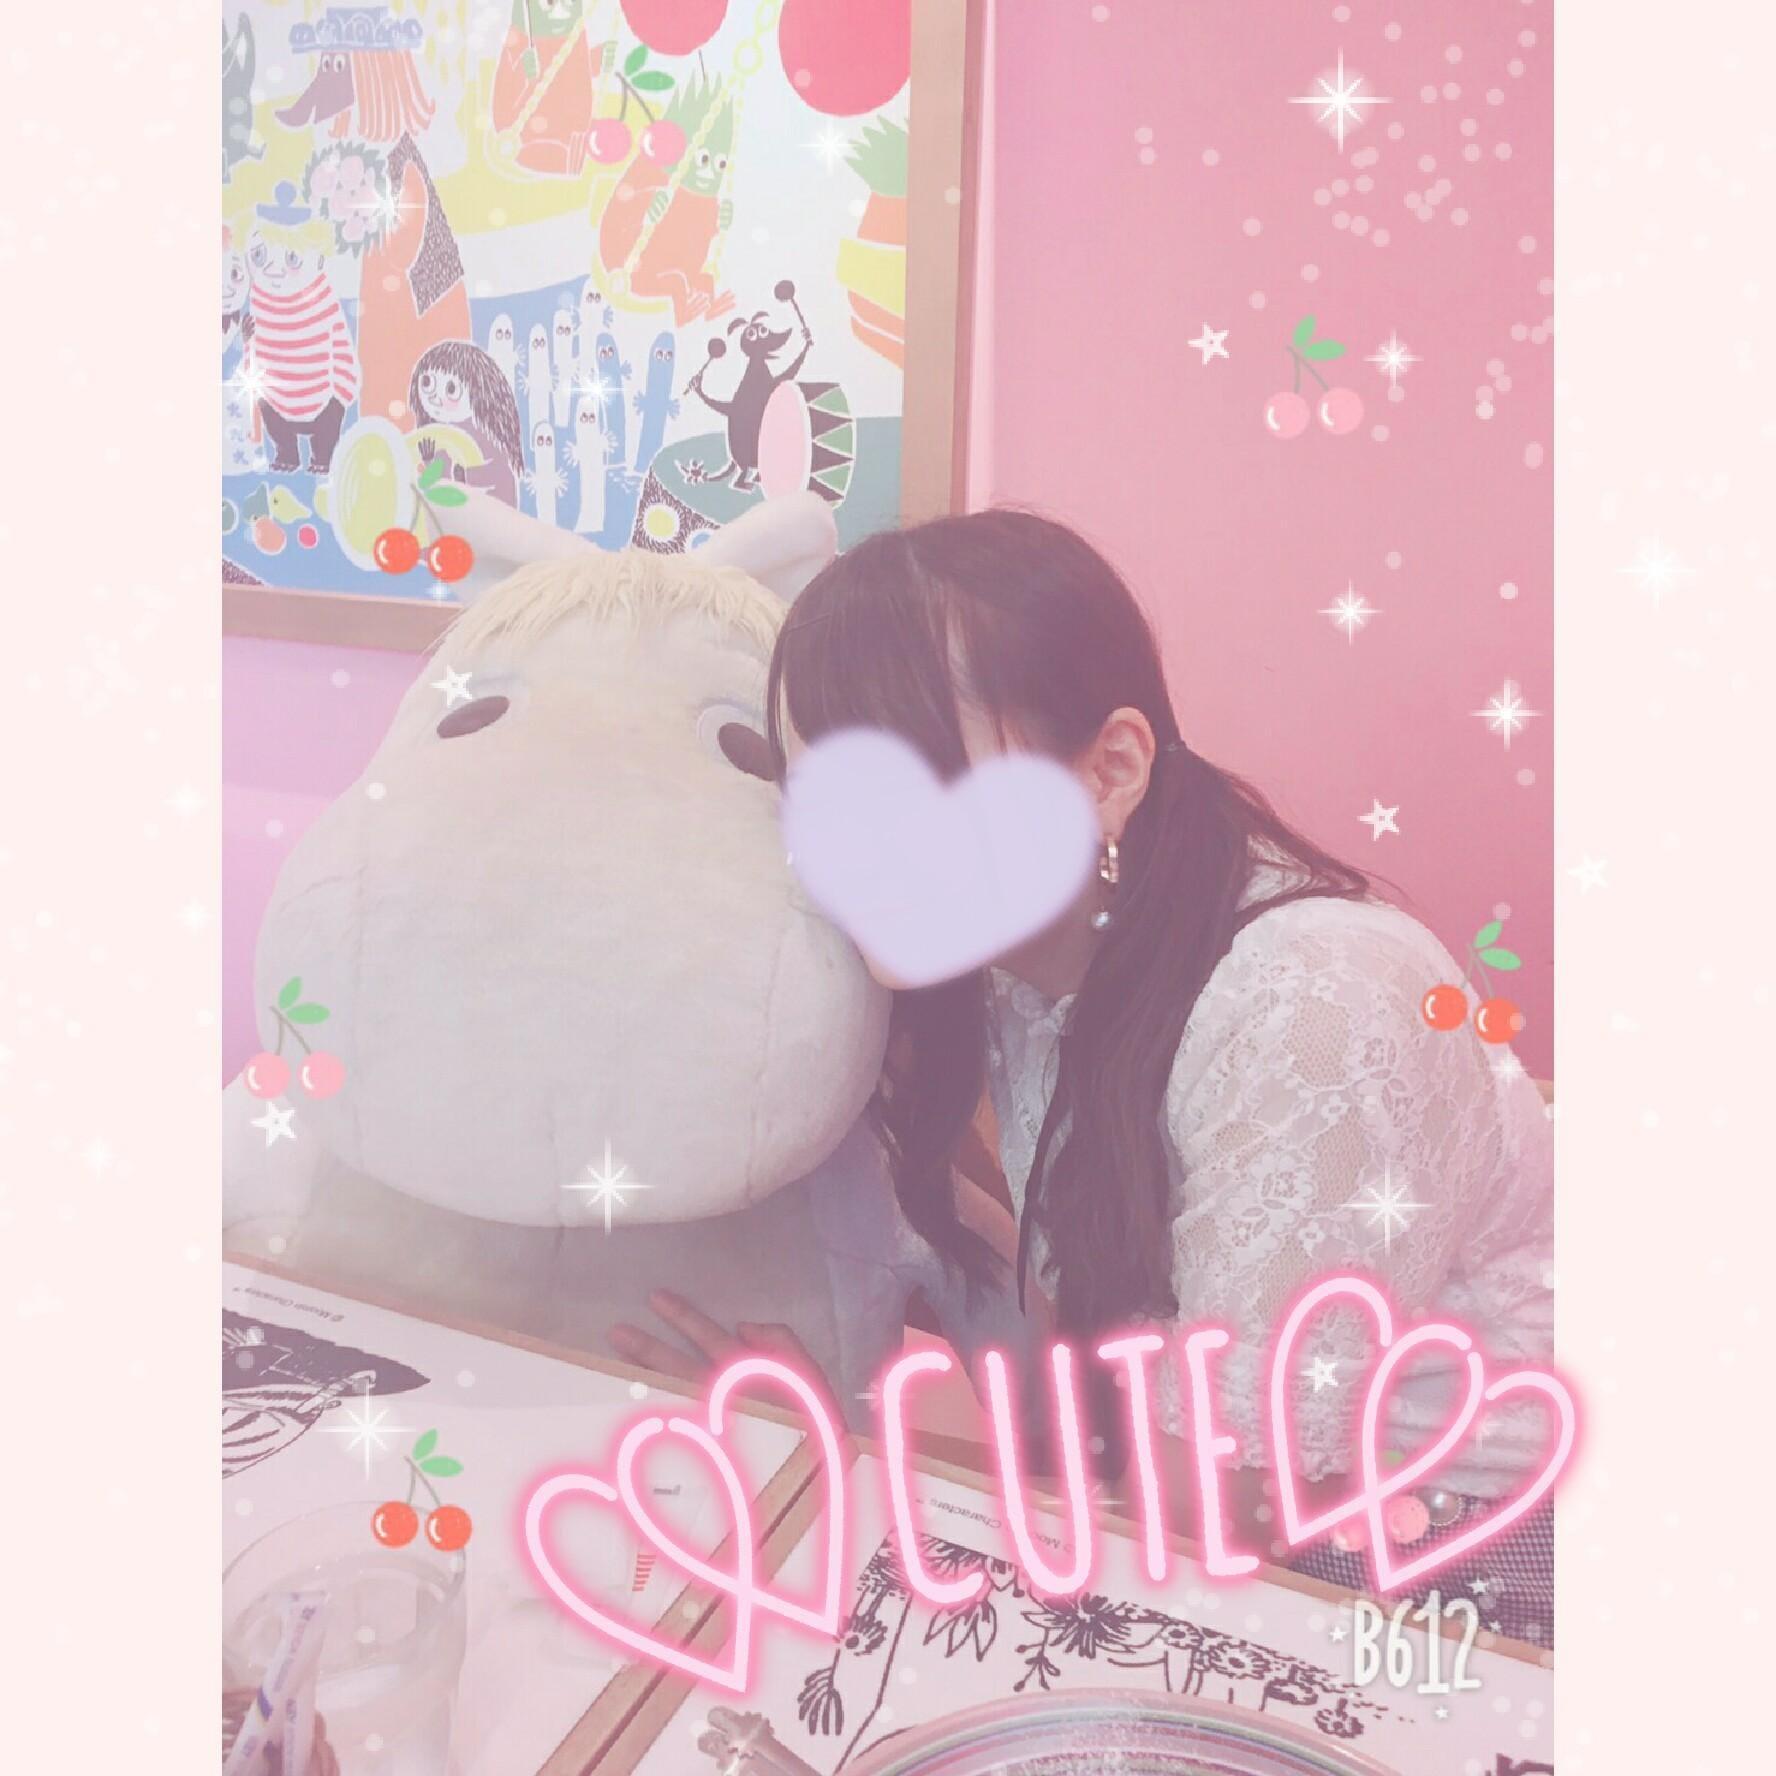 「明日からっ♡」12/09(12/09) 22:27   つばさの写メ・風俗動画